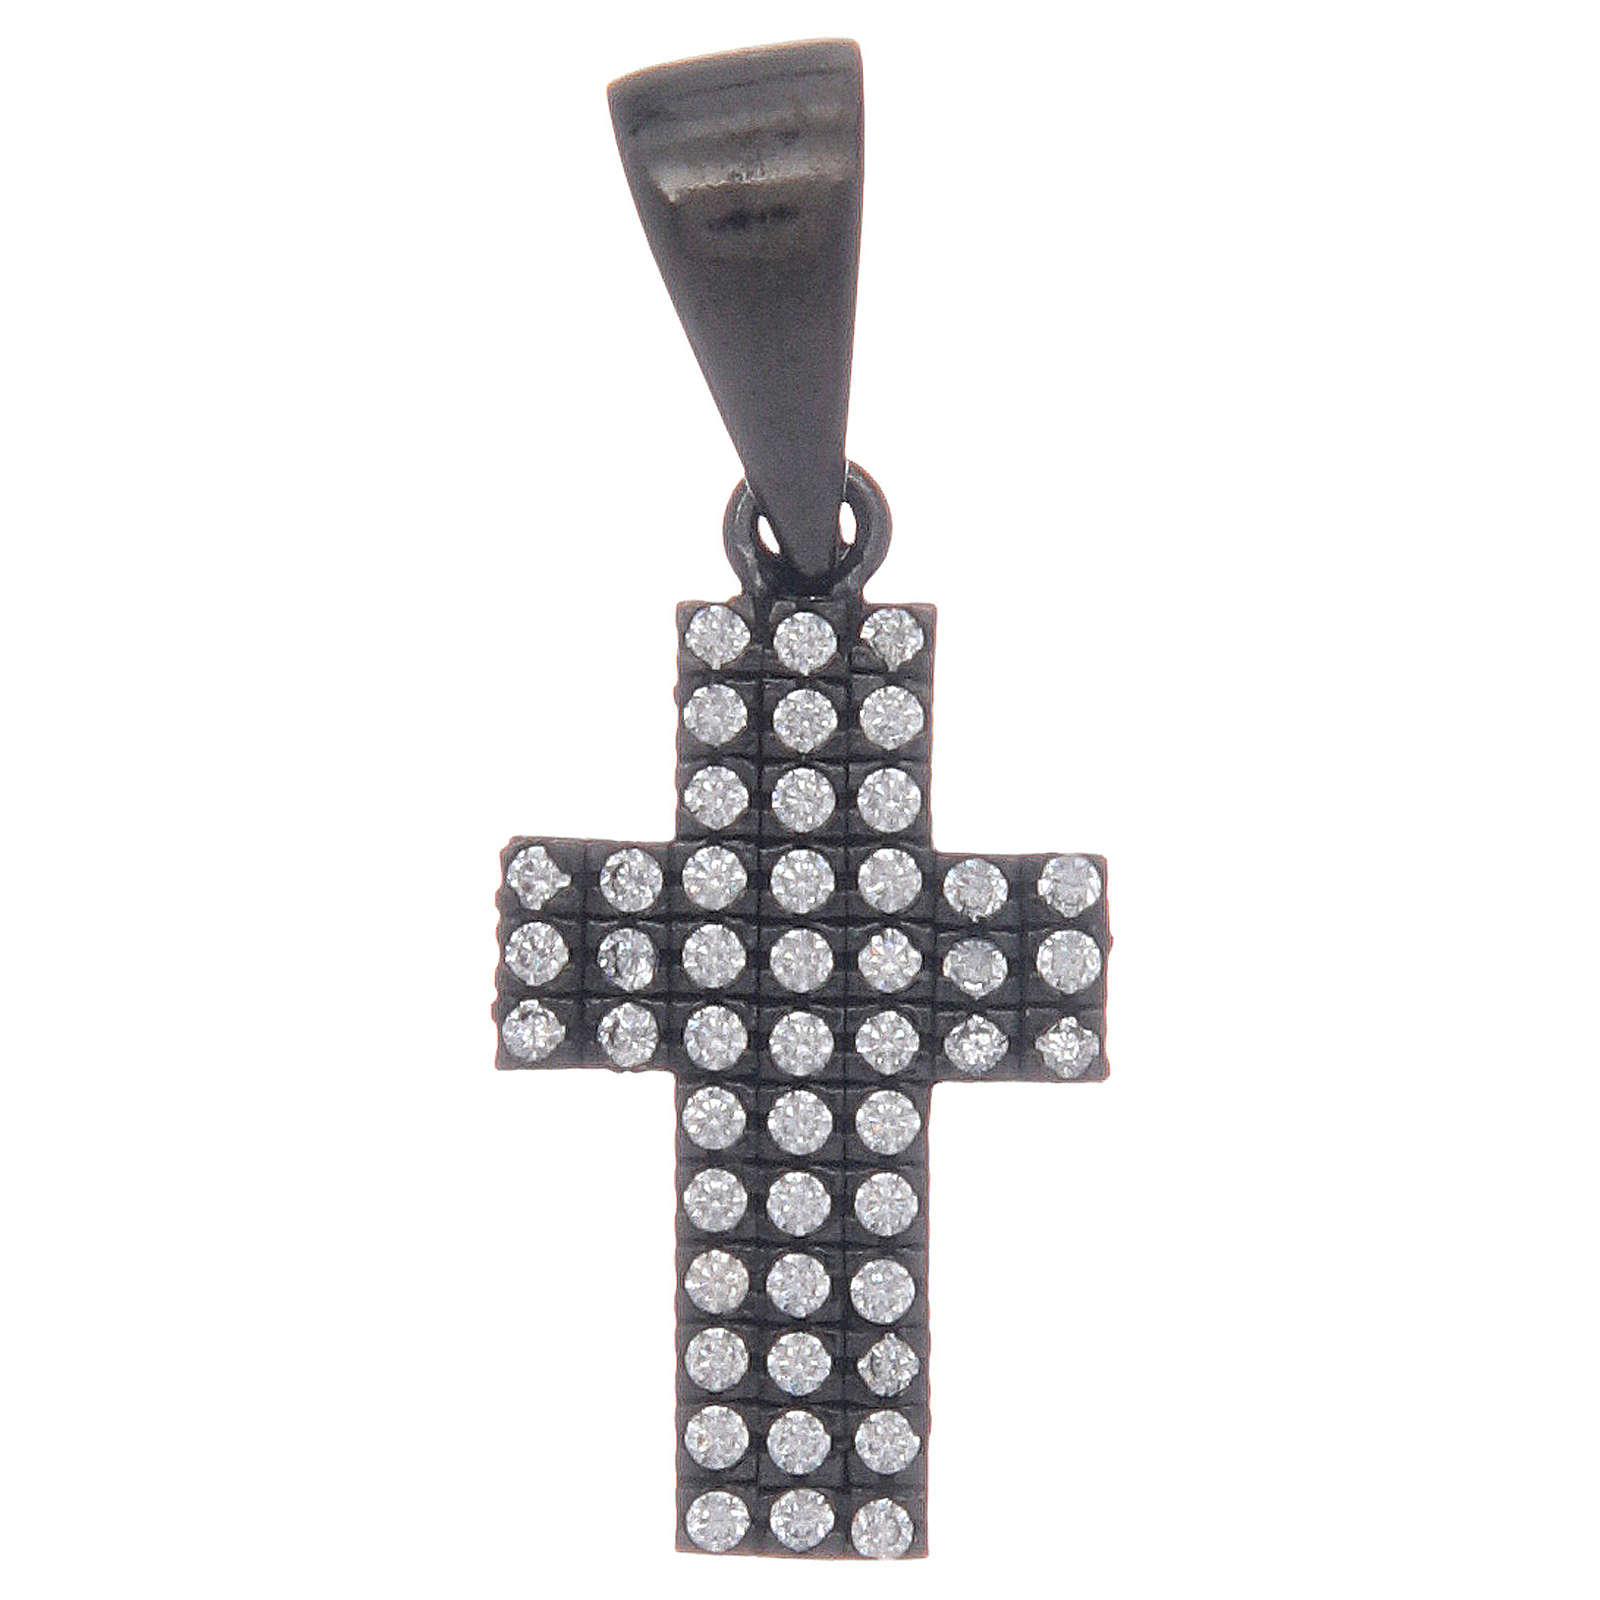 Croix noire en argent 925 avec zircons transparents 4